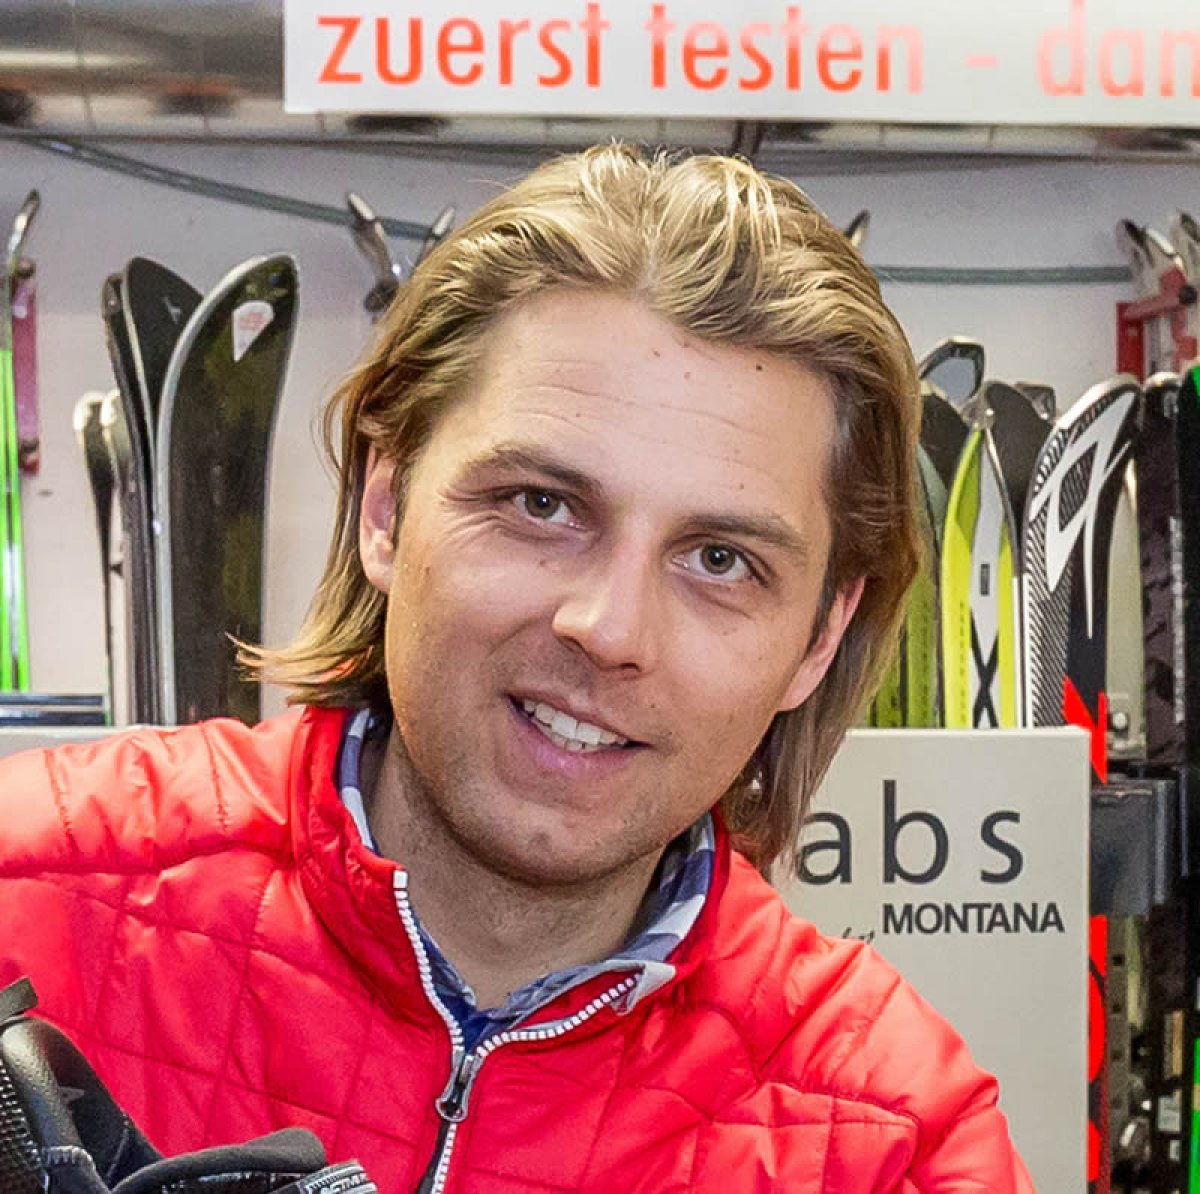 Johannes Schernthaner